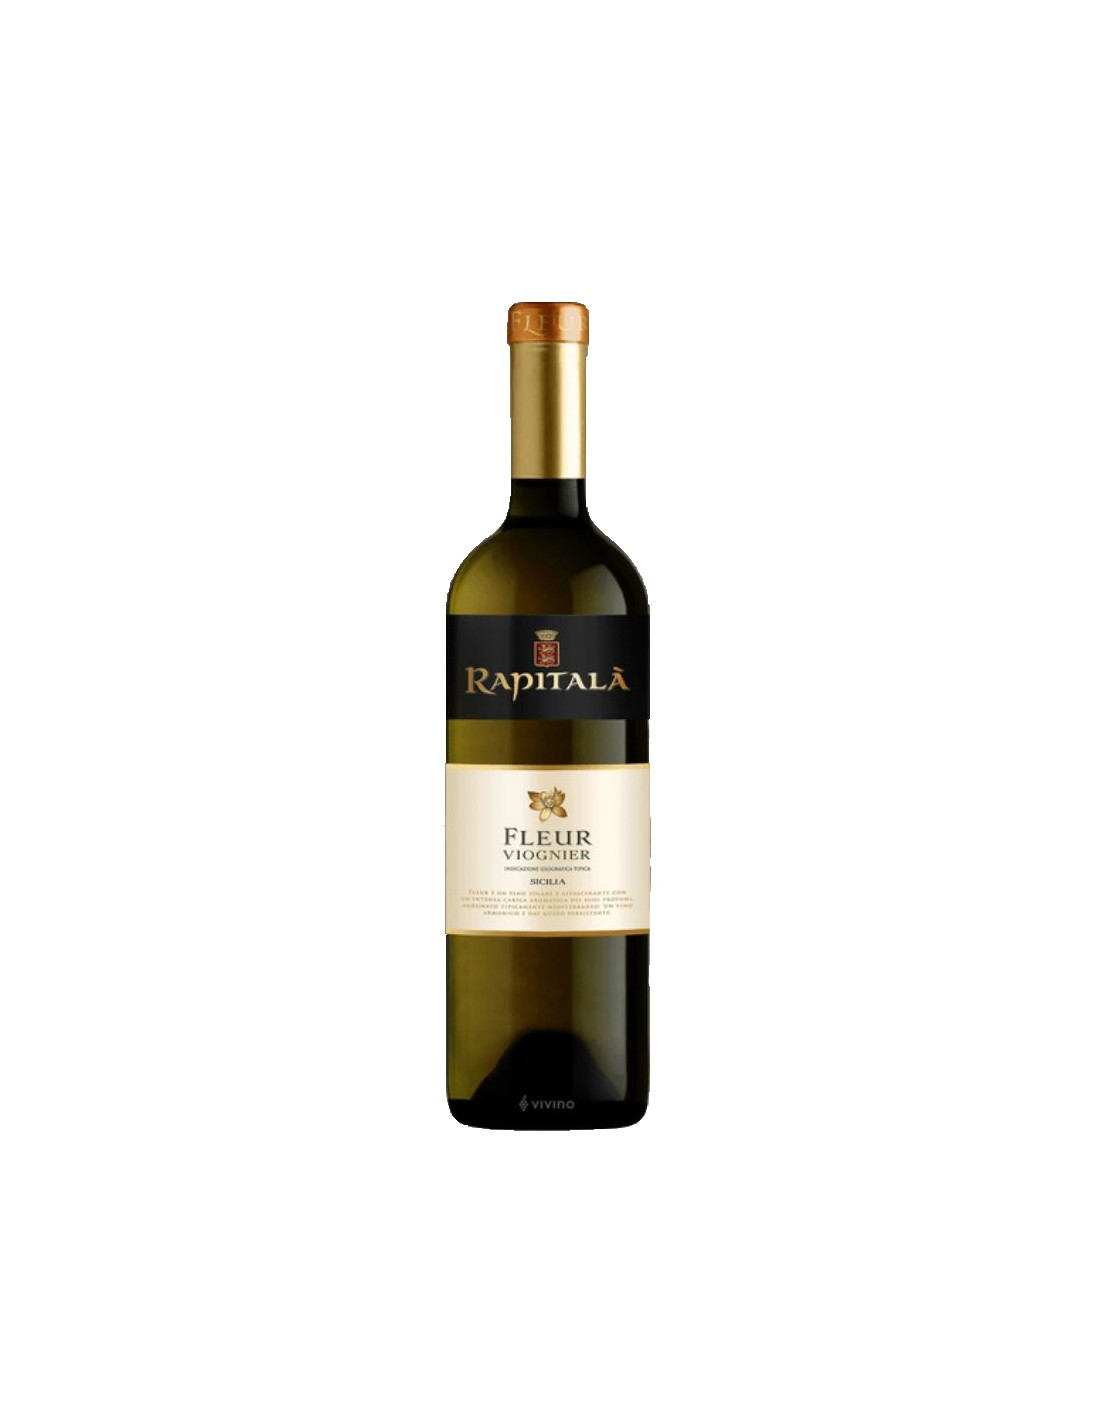 Vin alb, Viognier, Rapitalà Sicilia, 0.75L, Italia